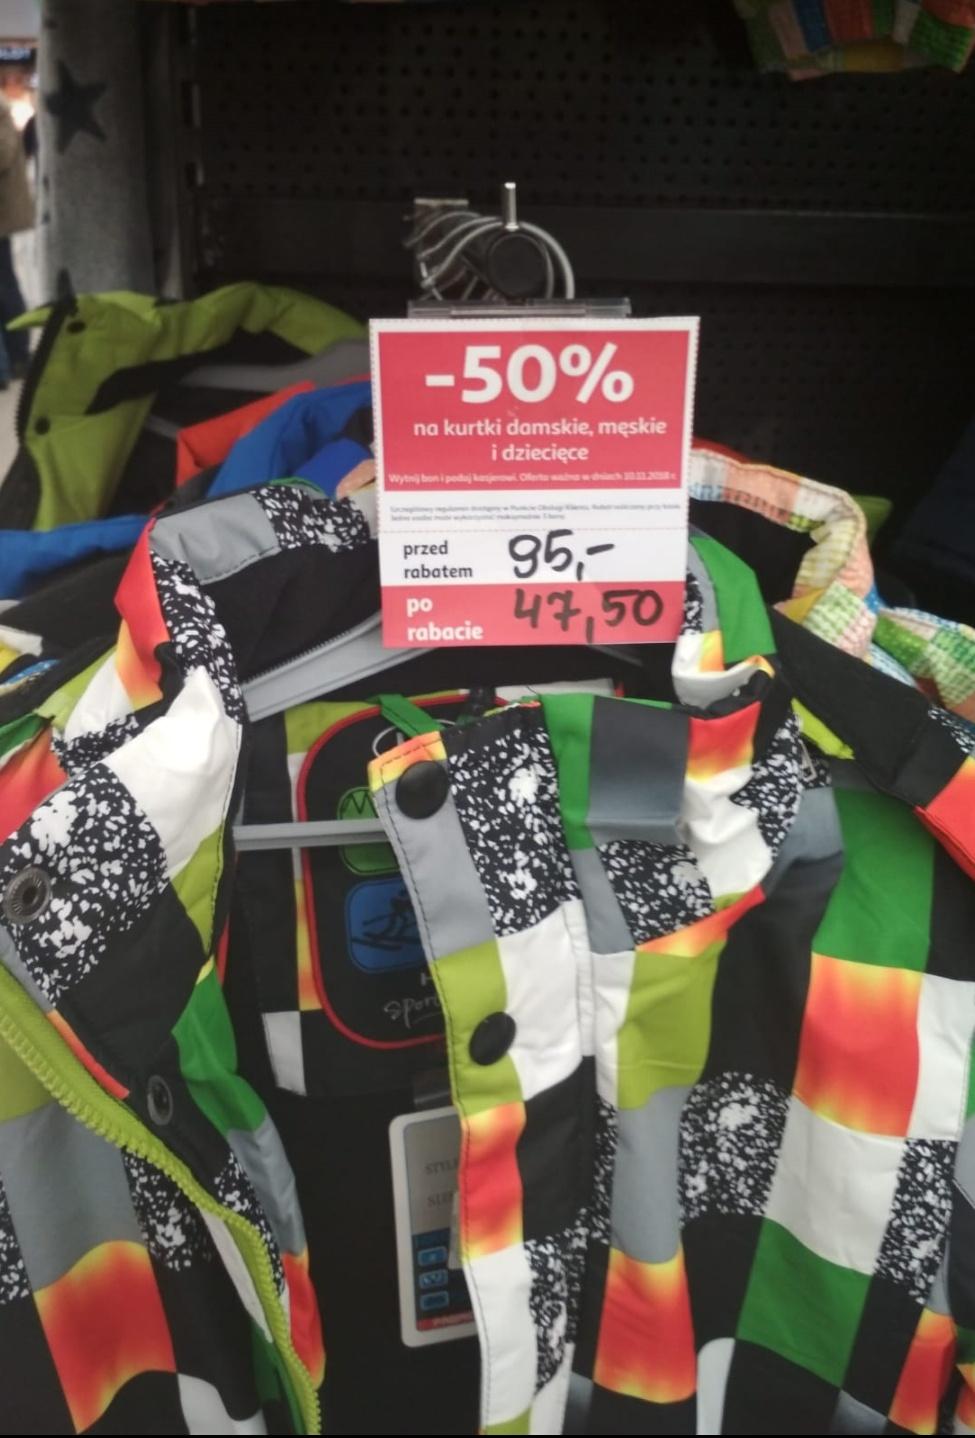 -50 % na kurtki Auchan m1 Zabrze